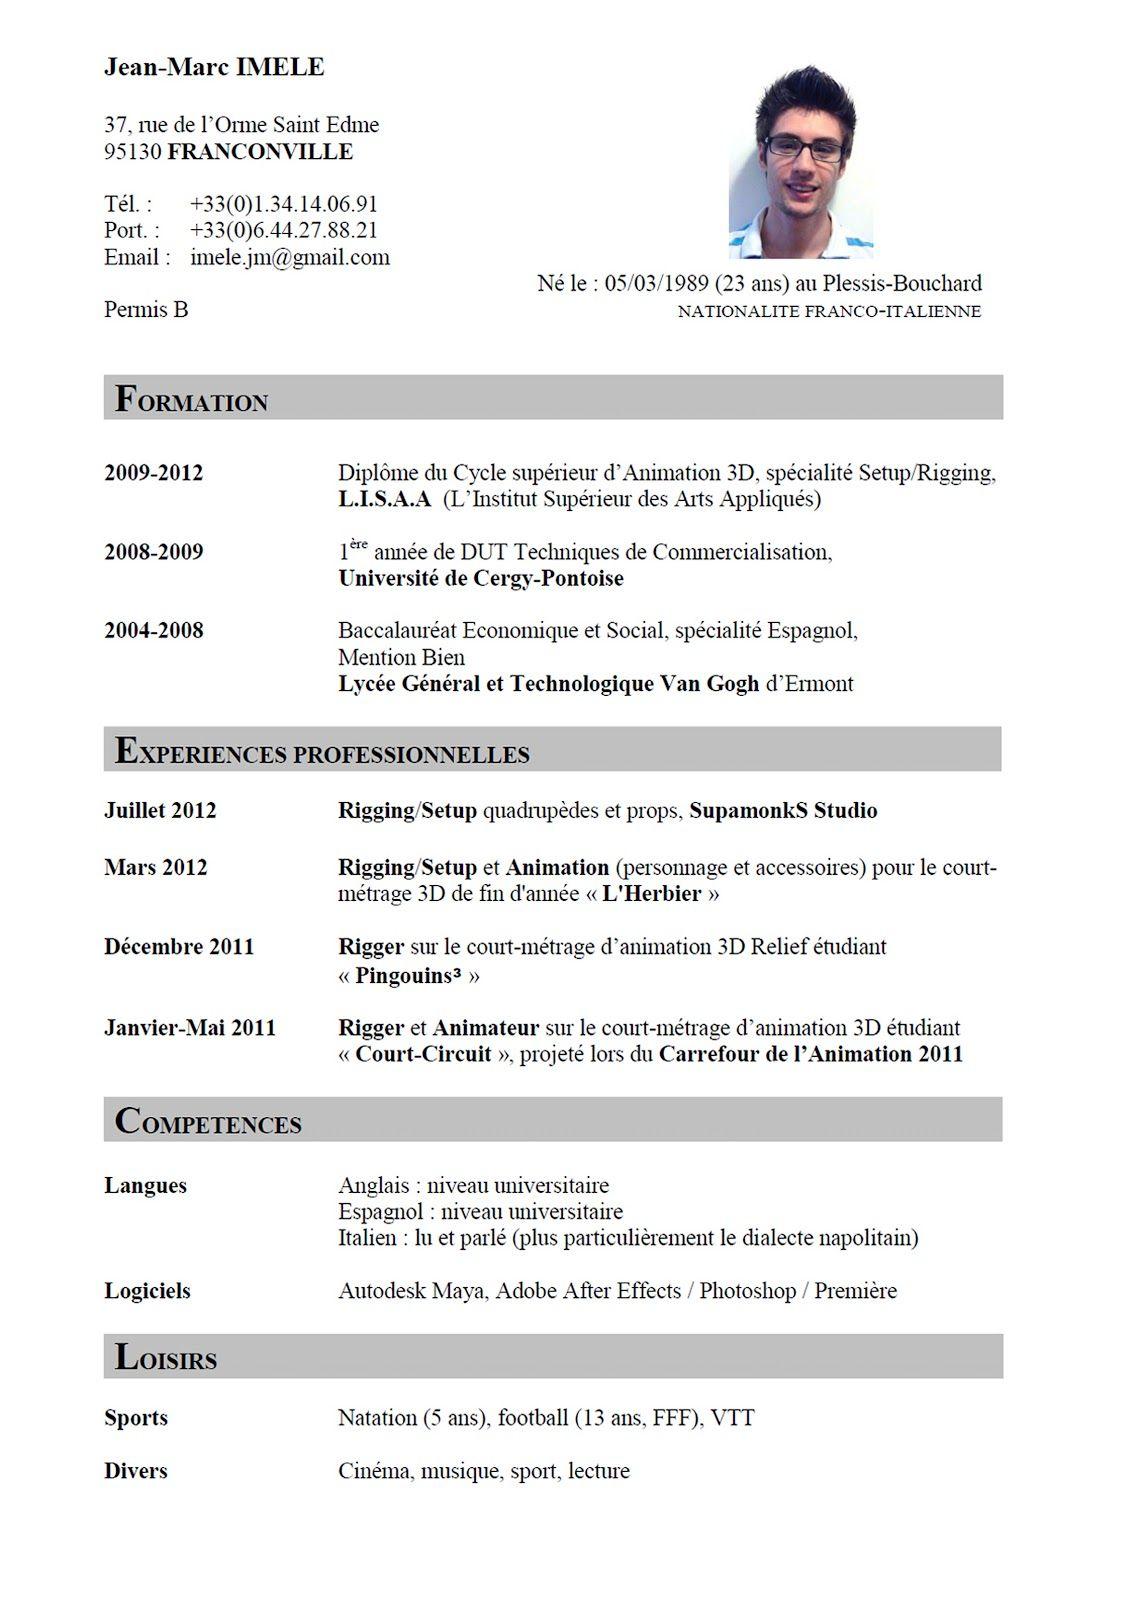 cv en ligne english (With images) Sample resume format